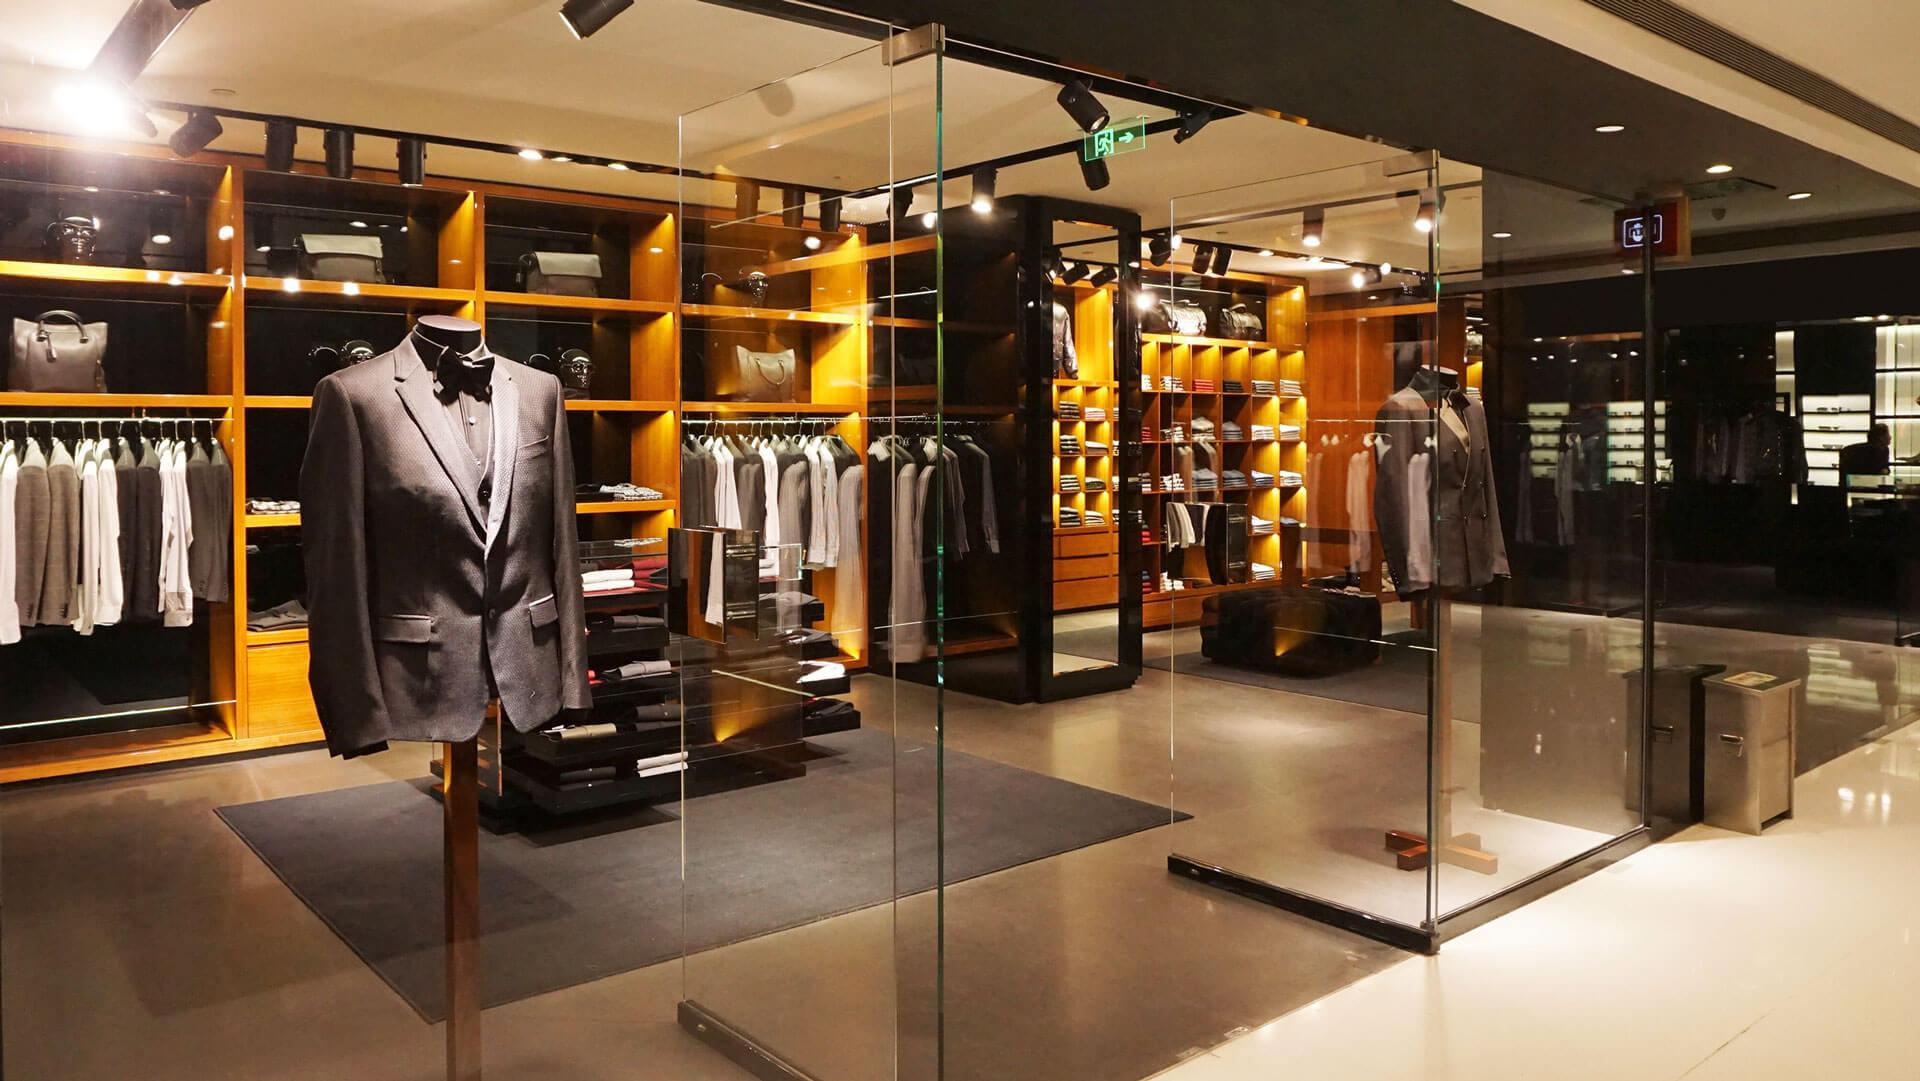 Blick in ein Einzelhandelsgeschäft, in dem Herrenanzüge verkauft werden.